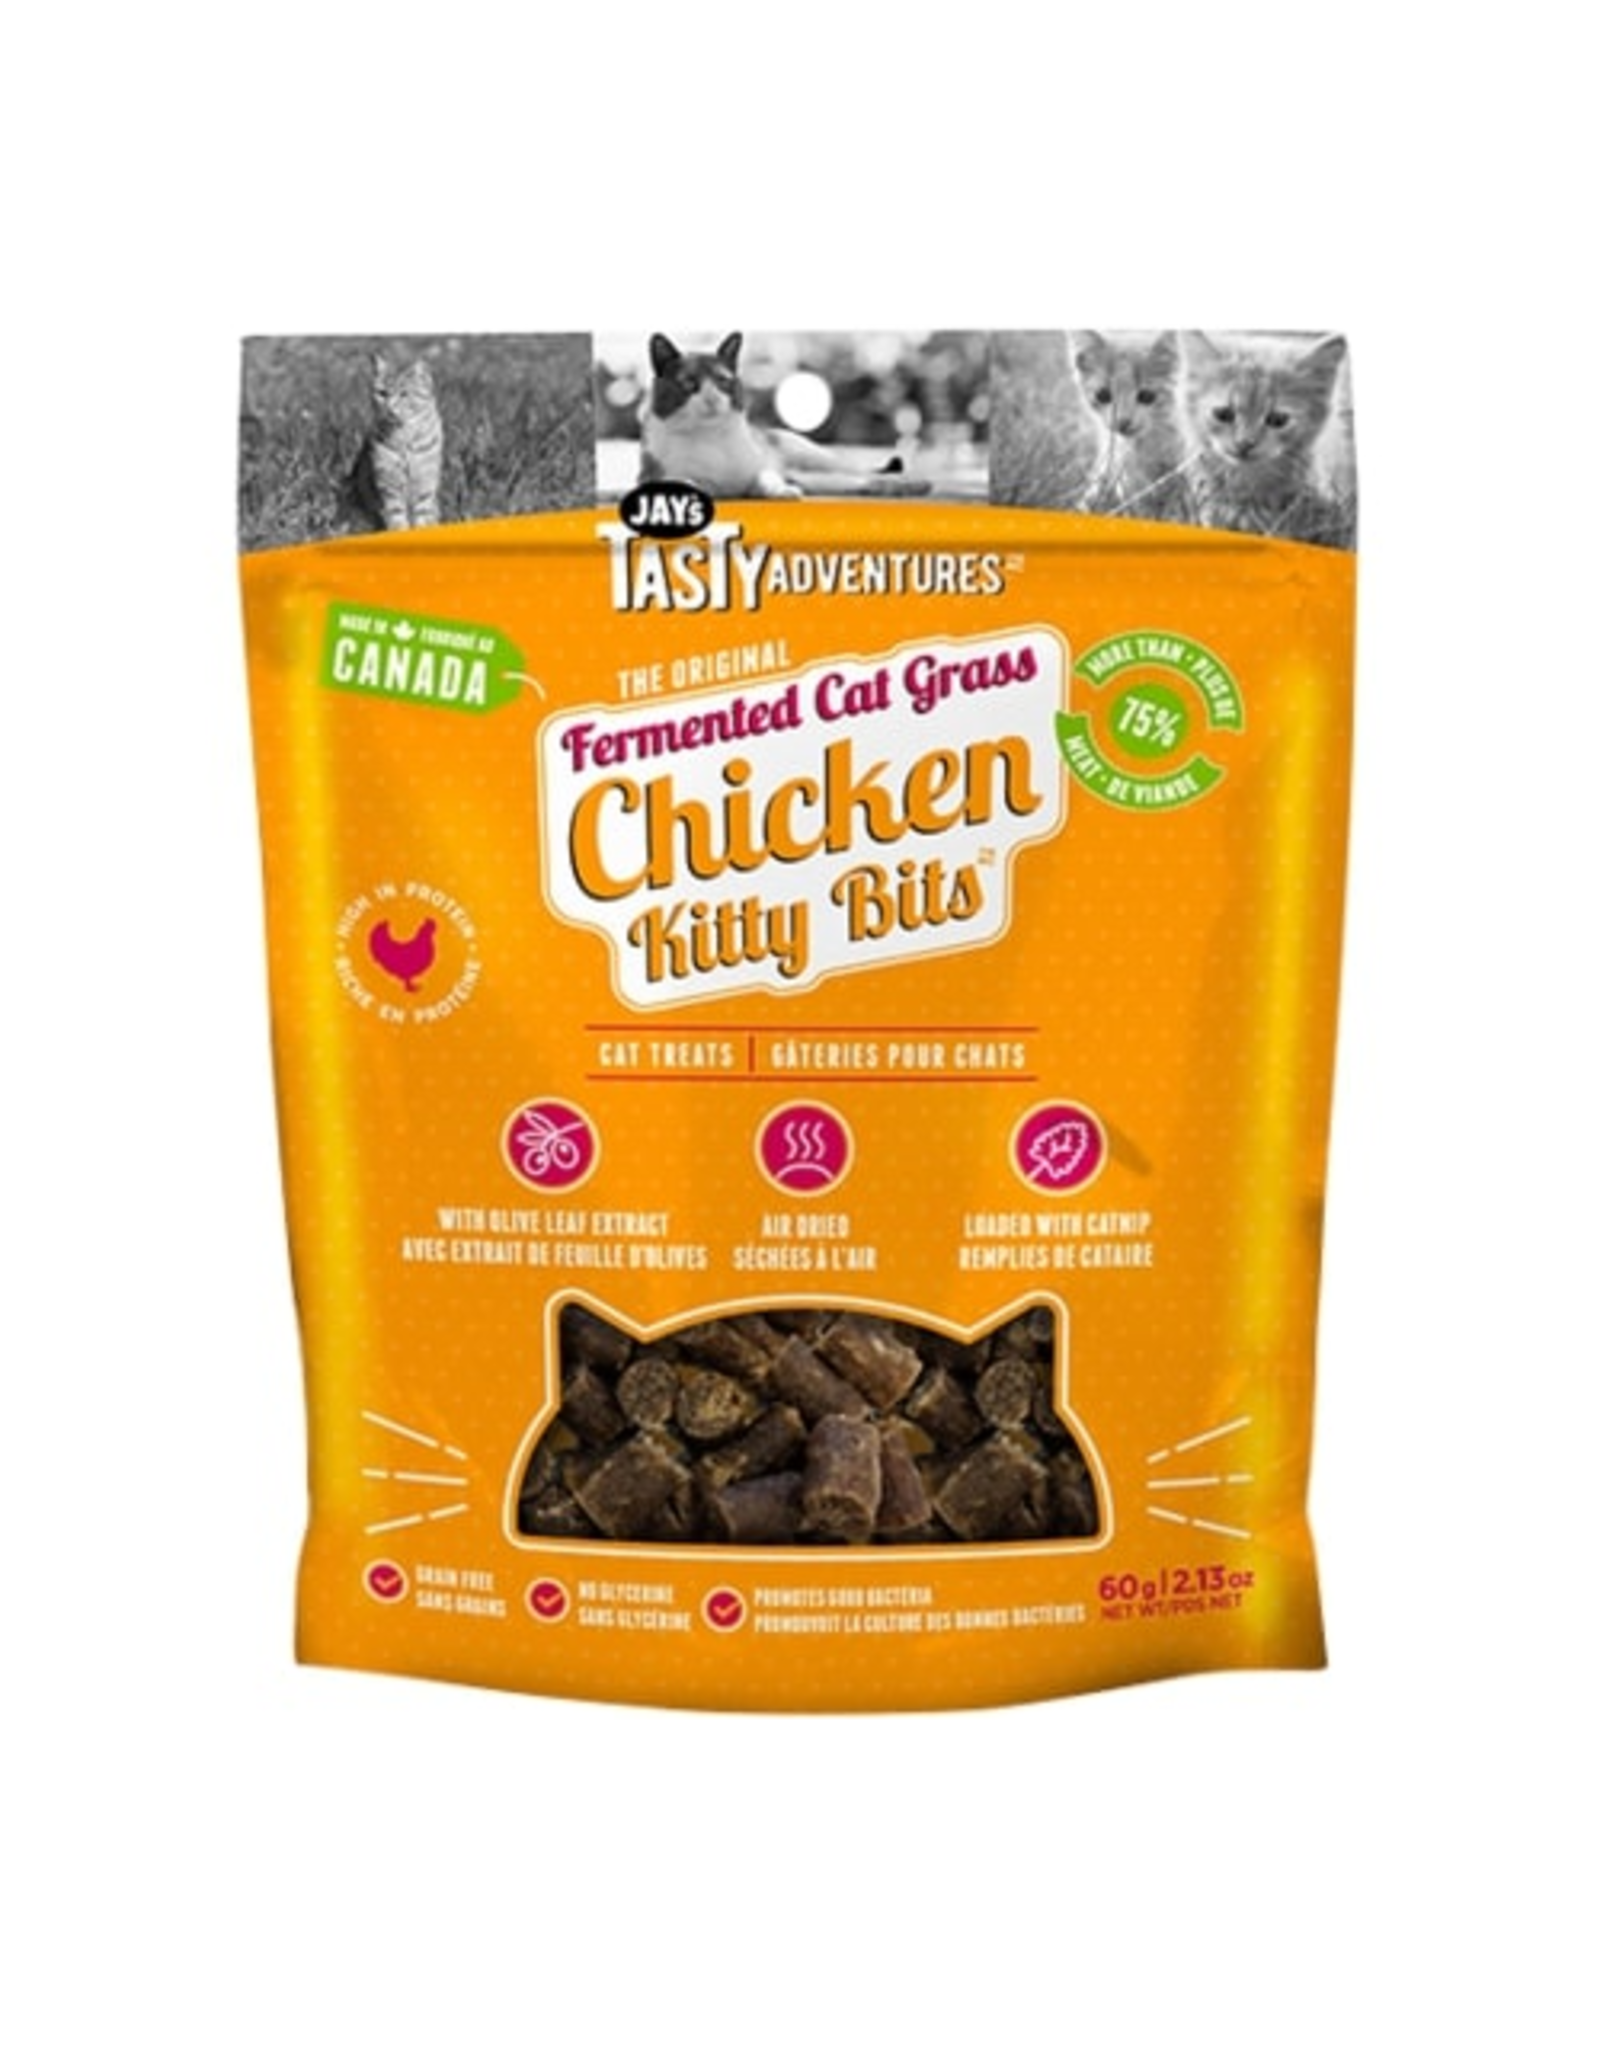 Jay's Tasty Adventures Jays Fermented Cat Grass Chicken Cat Treats 60g